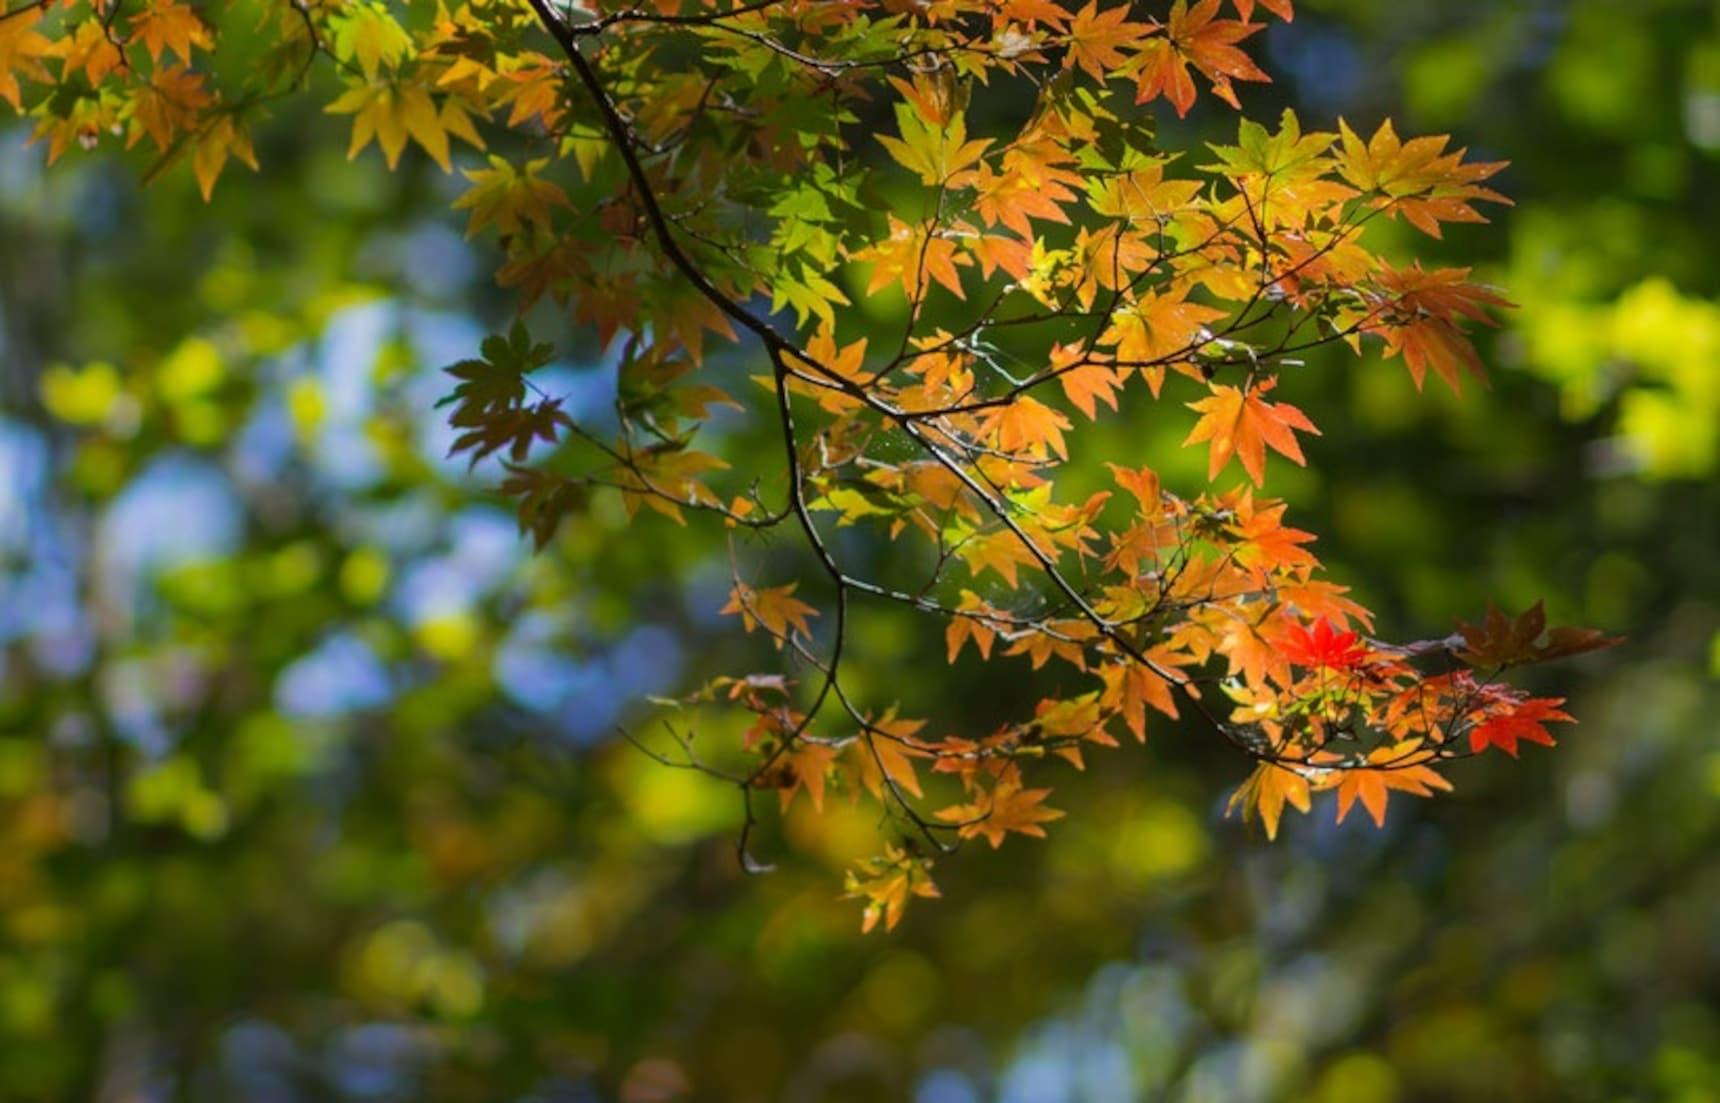 알록달록 물든 오쿠닛코산에서 바라보는 가을